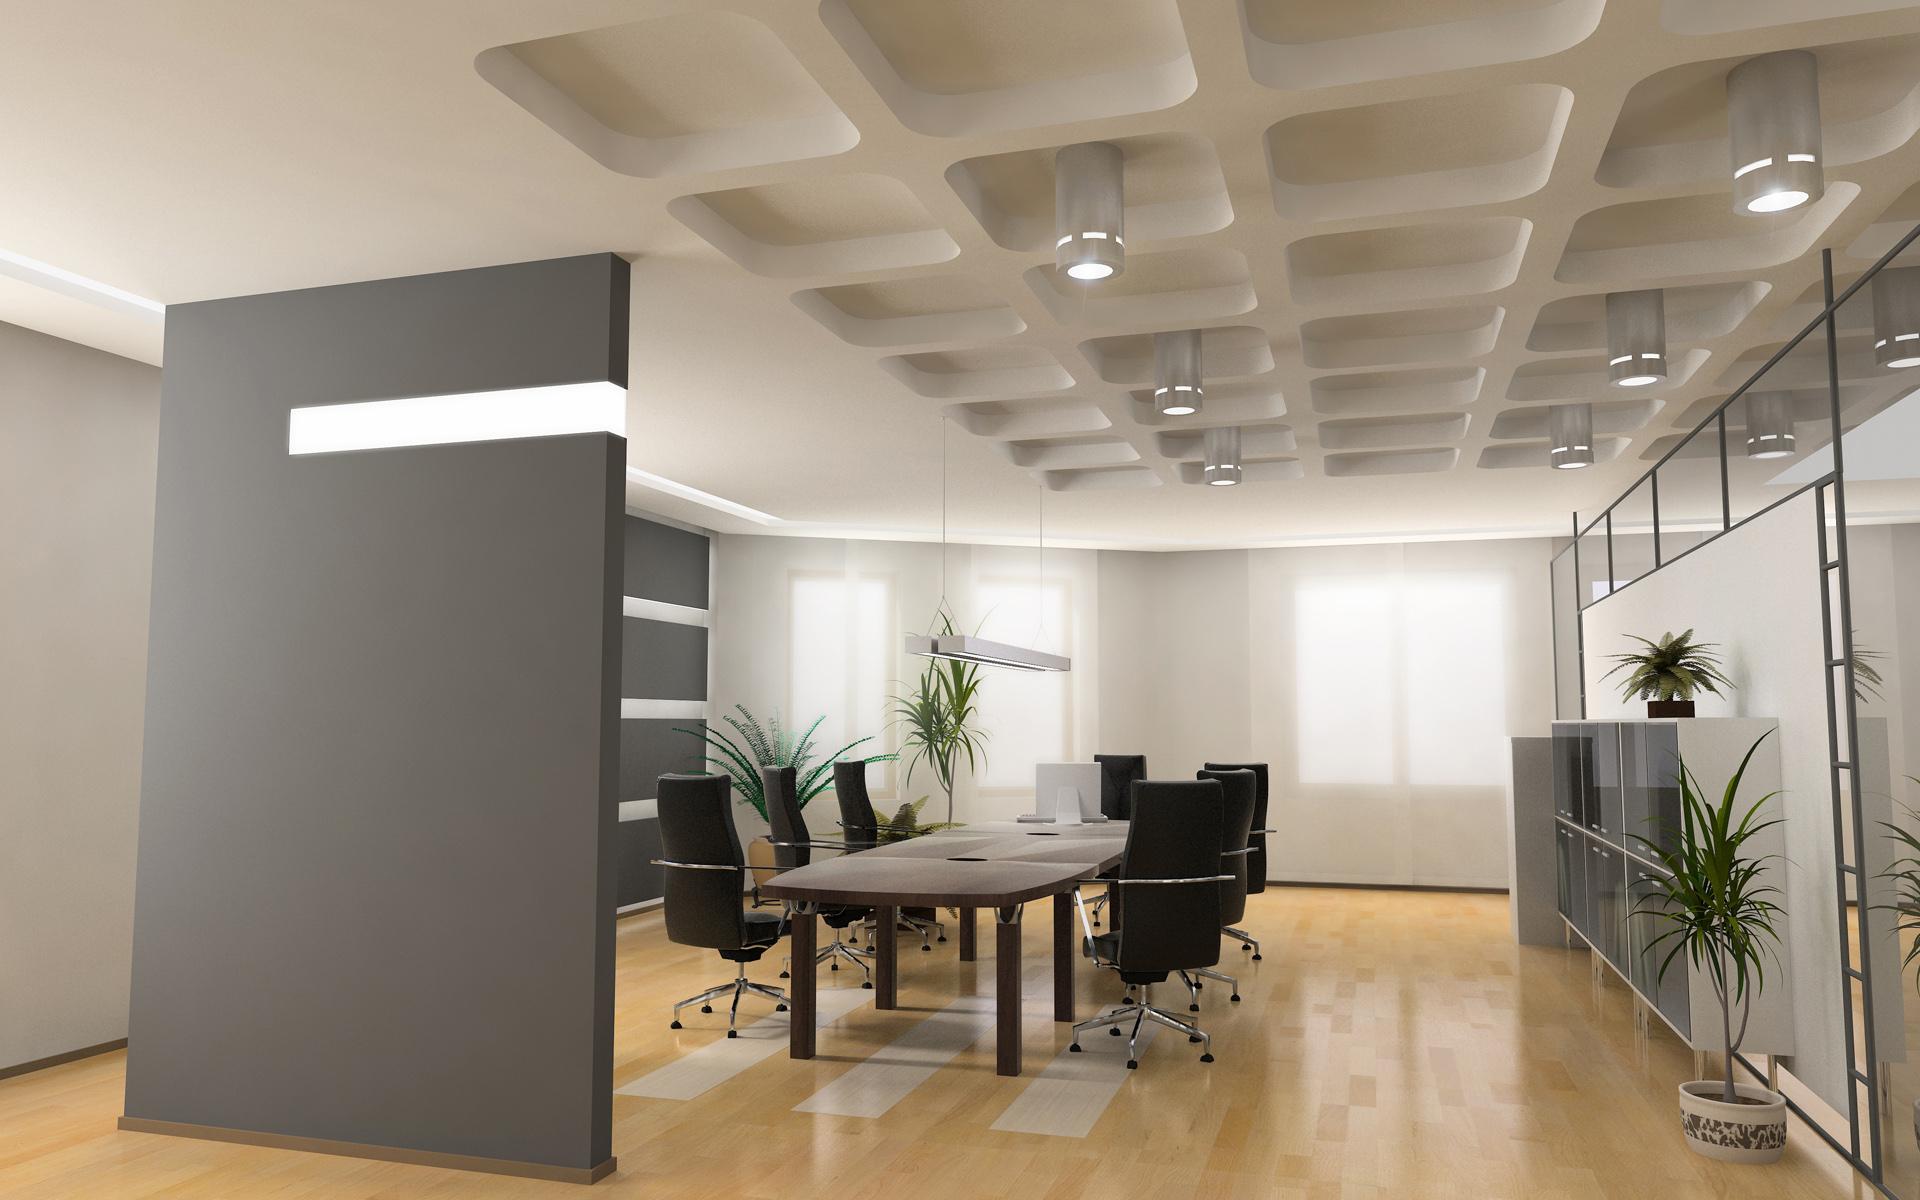 Meeting Room Interior Idea Interior Design Ideas